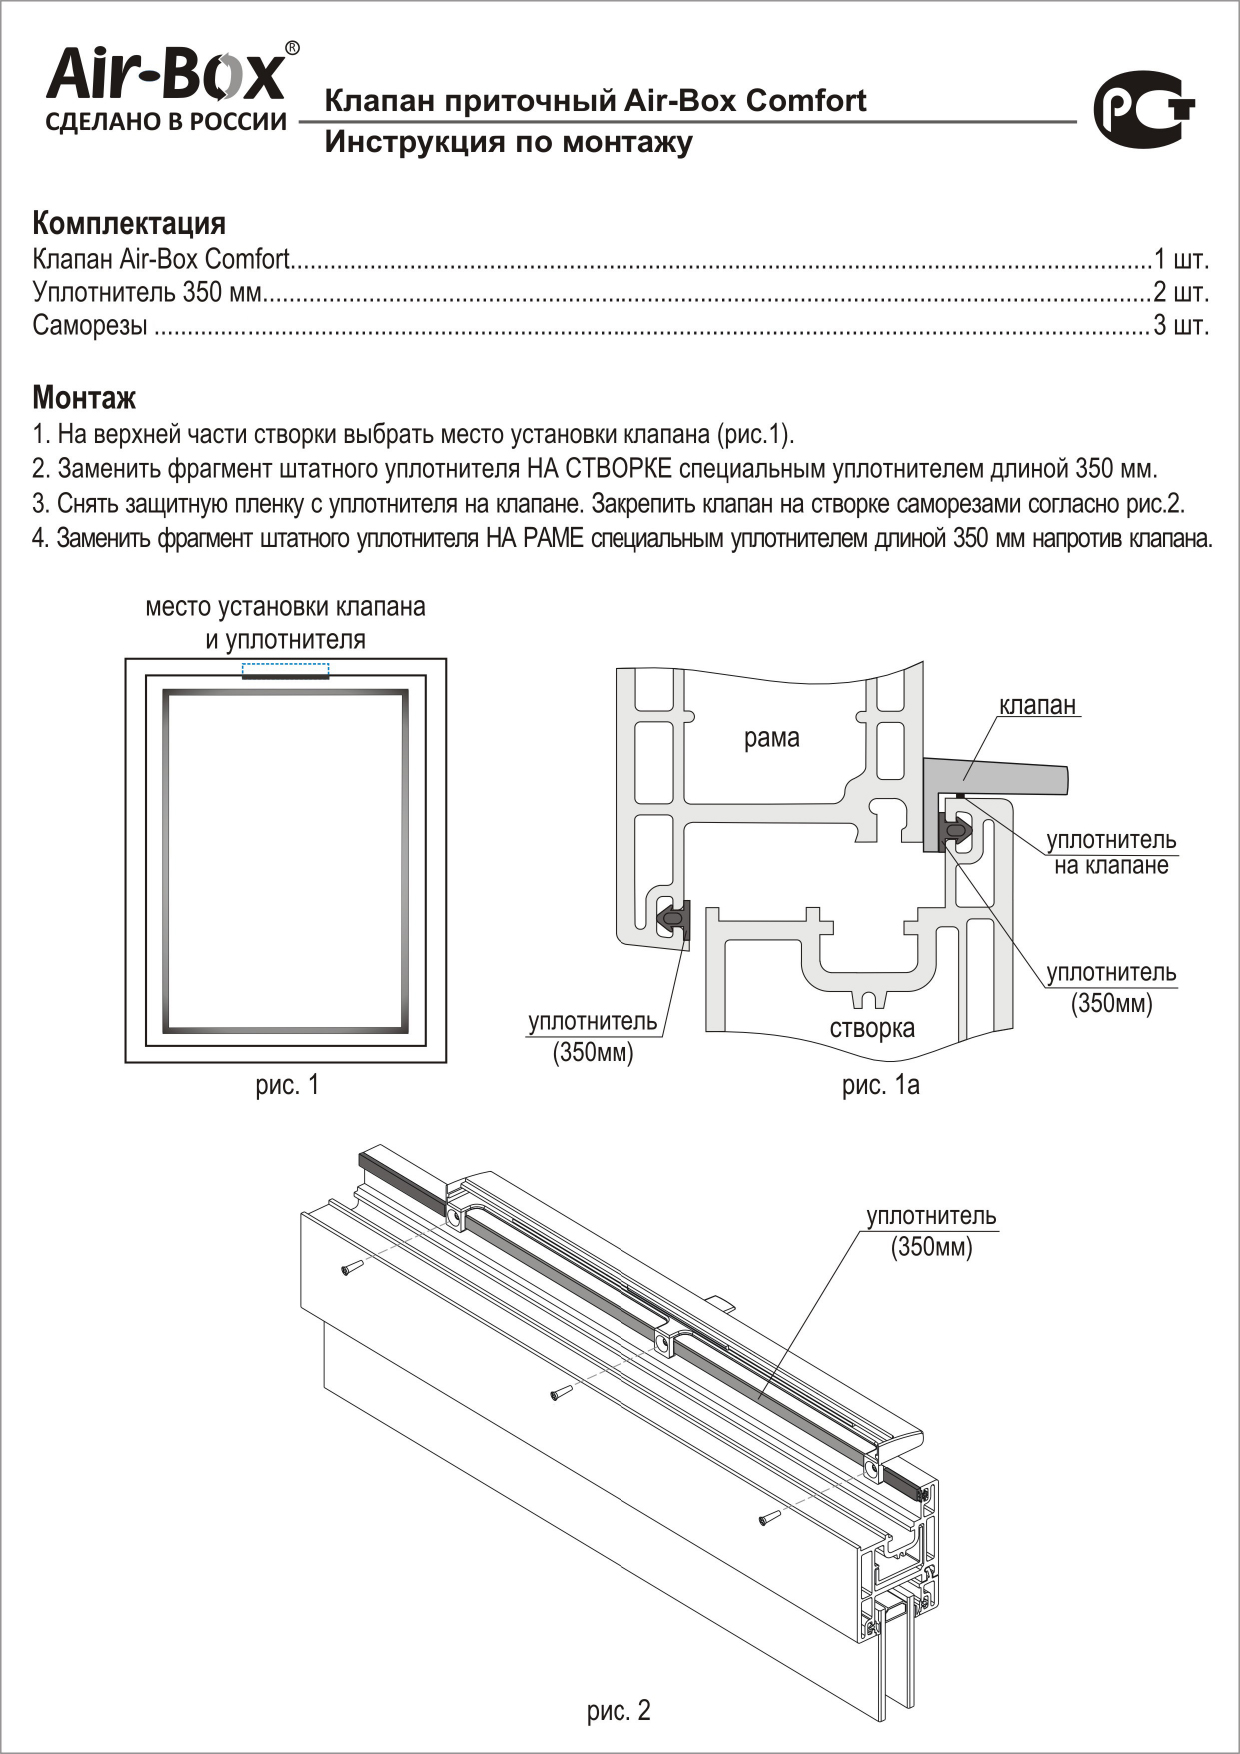 Как выбрать приточный клапан на пластиковые окна?